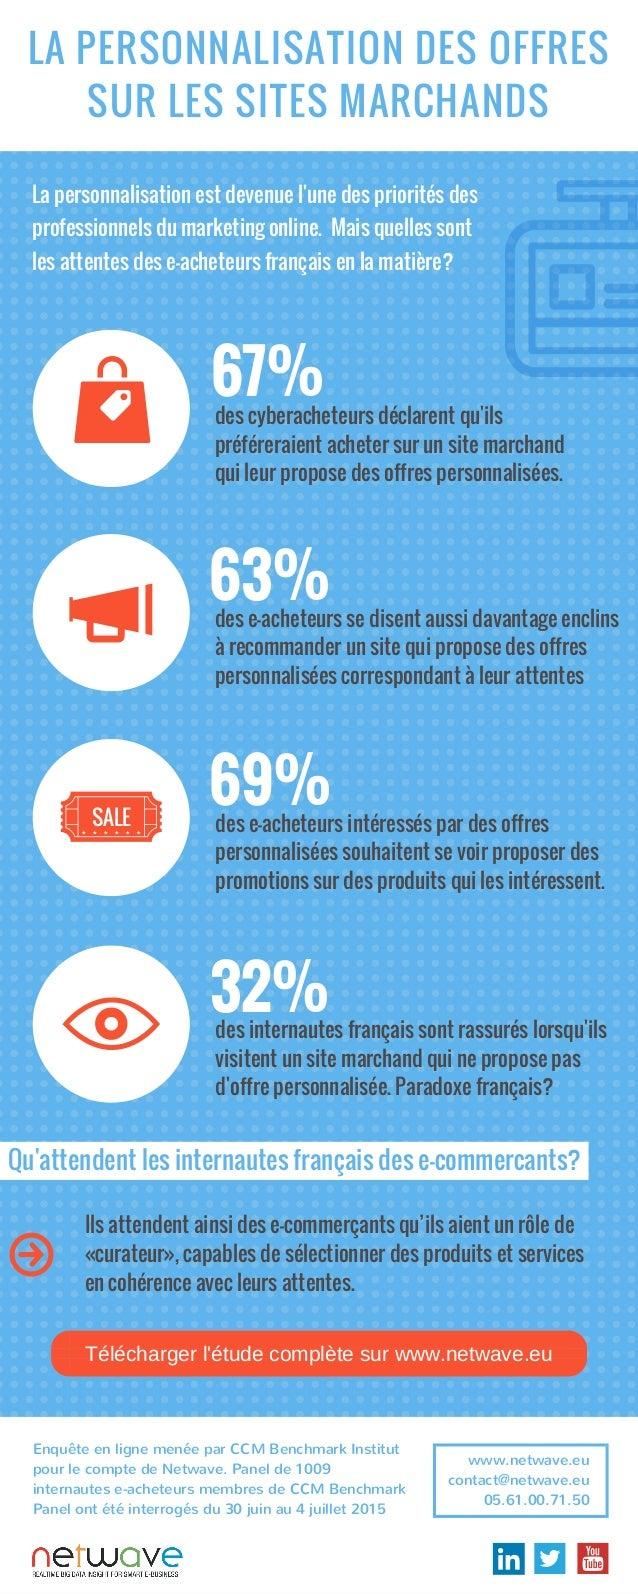 LA PERSONNALISATION DES OFFRES SUR LES SITES MARCHANDS 67% La personnalisation est devenue l'une des priorités des profess...